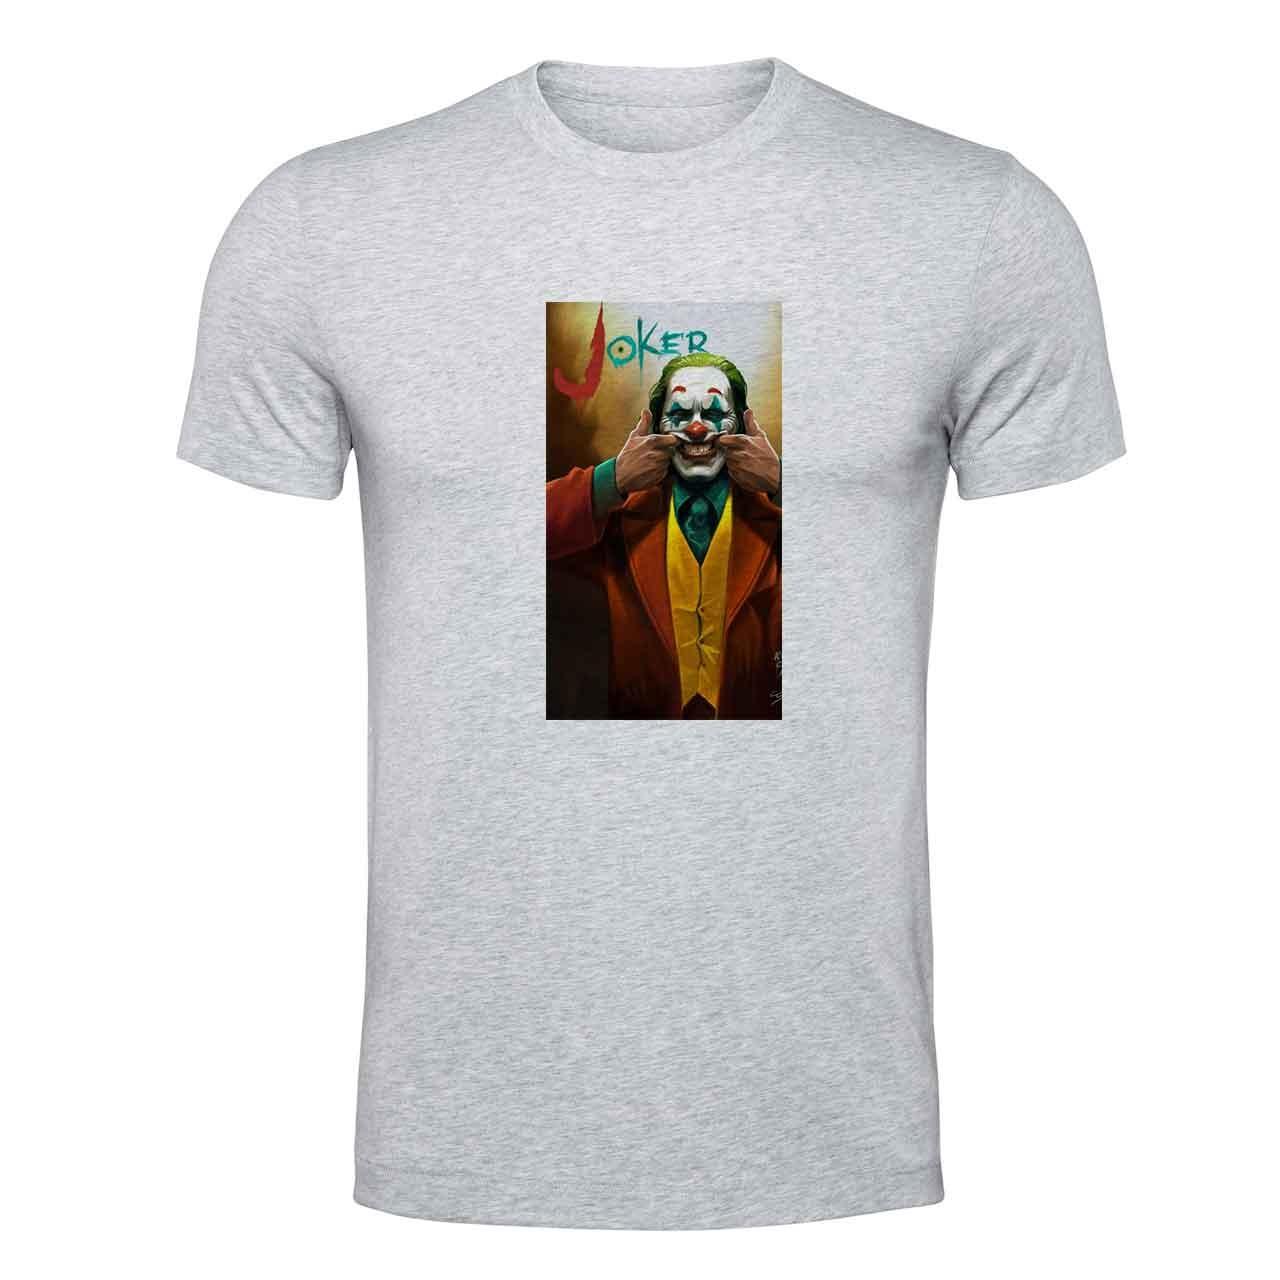 تی شرت مردانه طرح جوکر کد wtk639